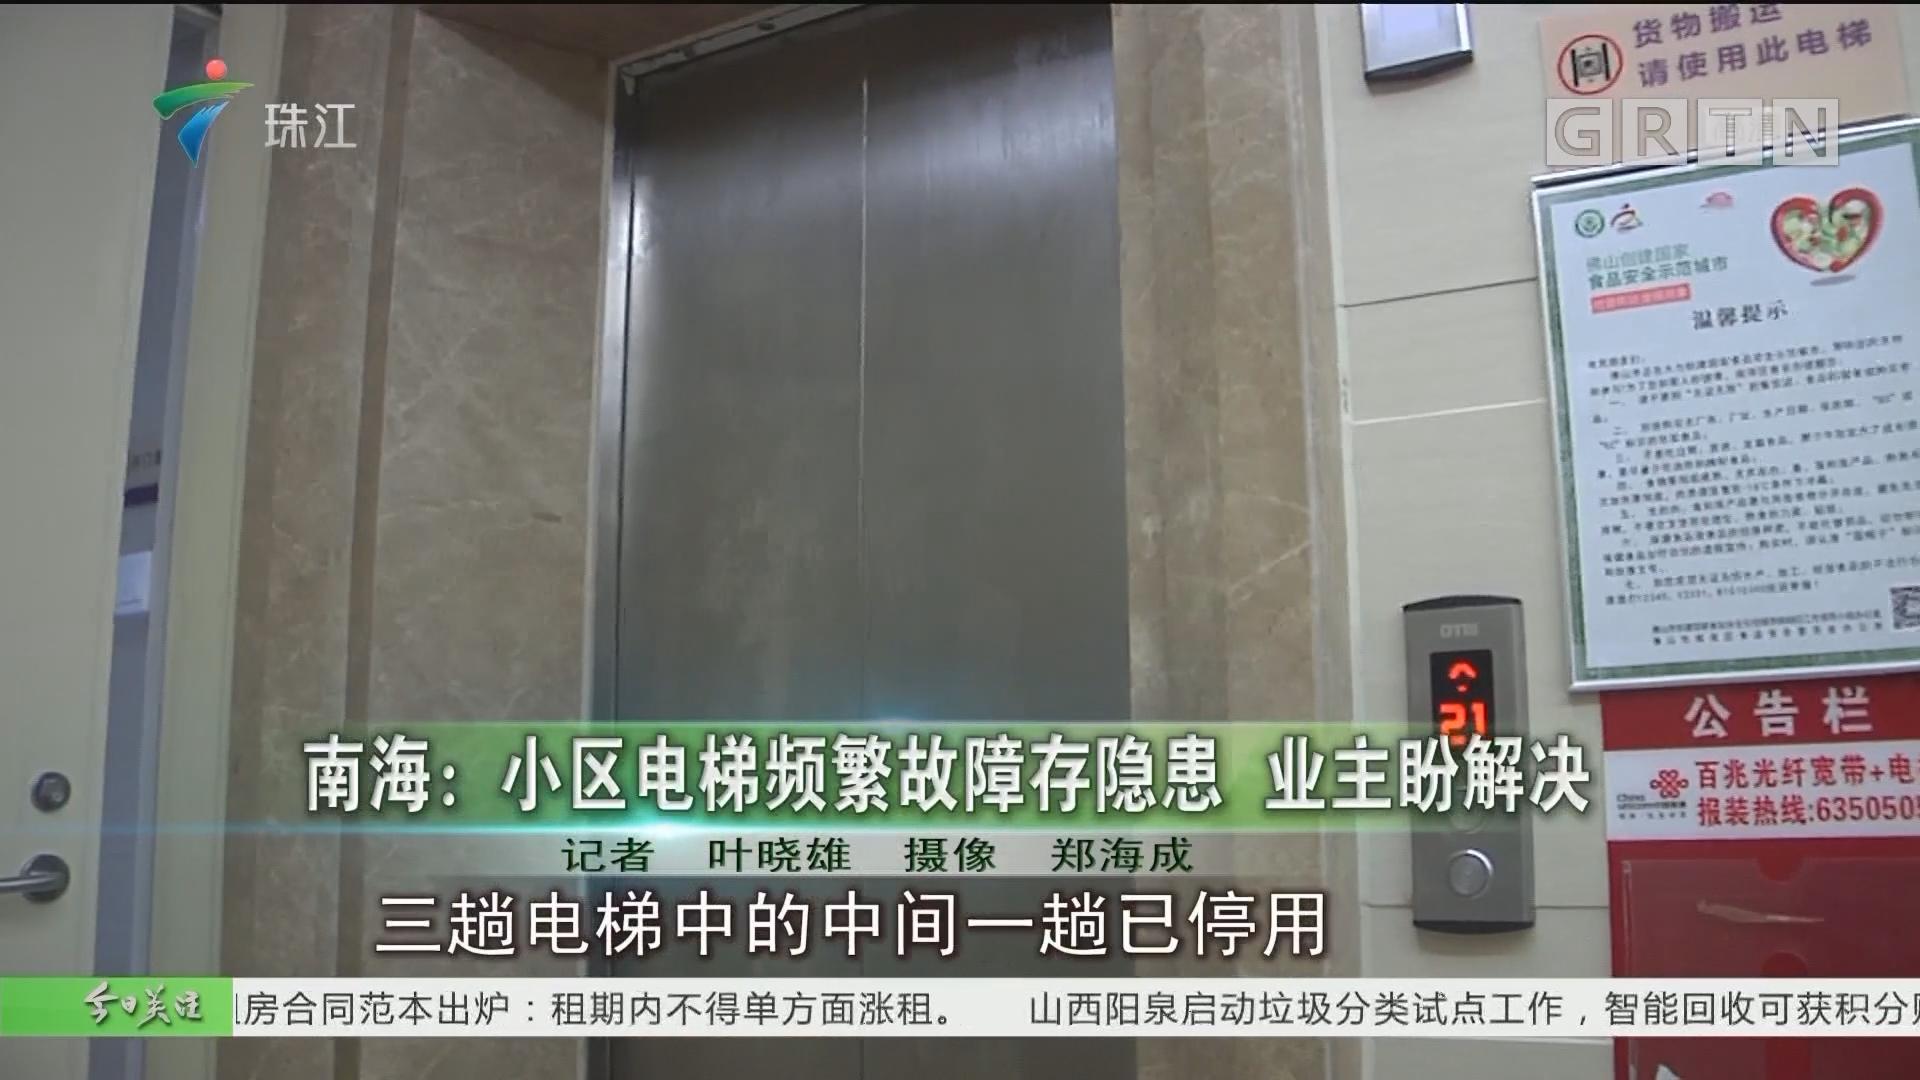 南海:小区电梯频繁故障存隐患 业主盼解决